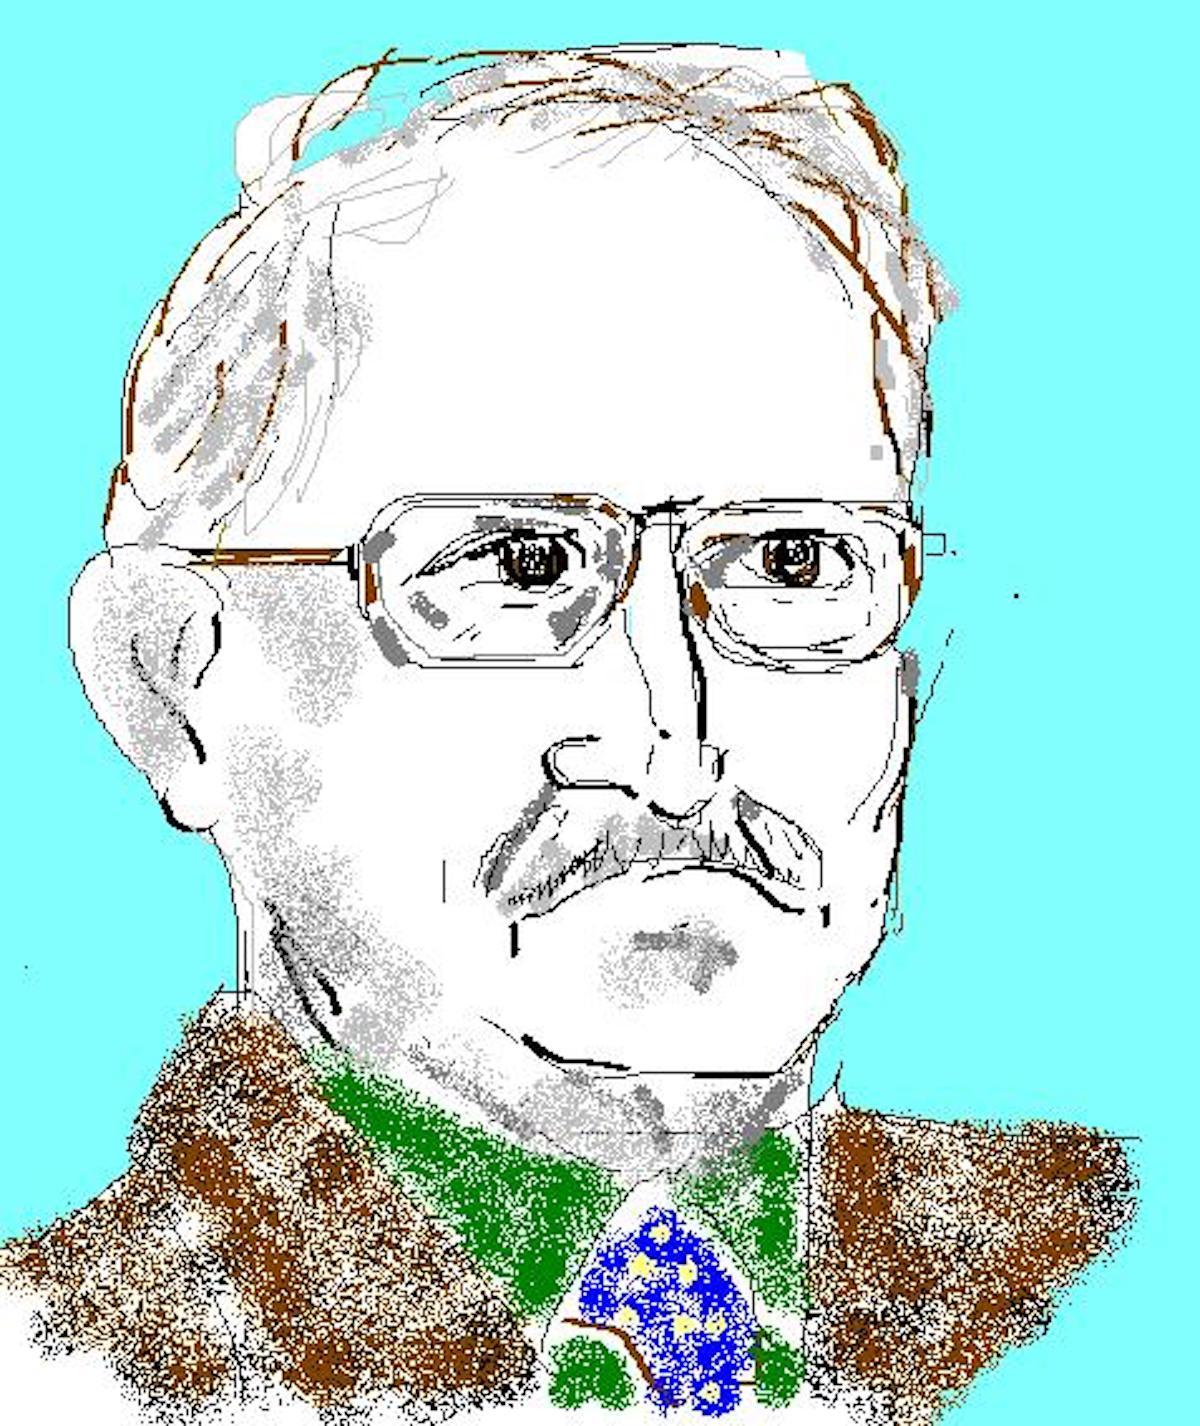 Immanuel Wallerstein. Source: Wikimedia Commons